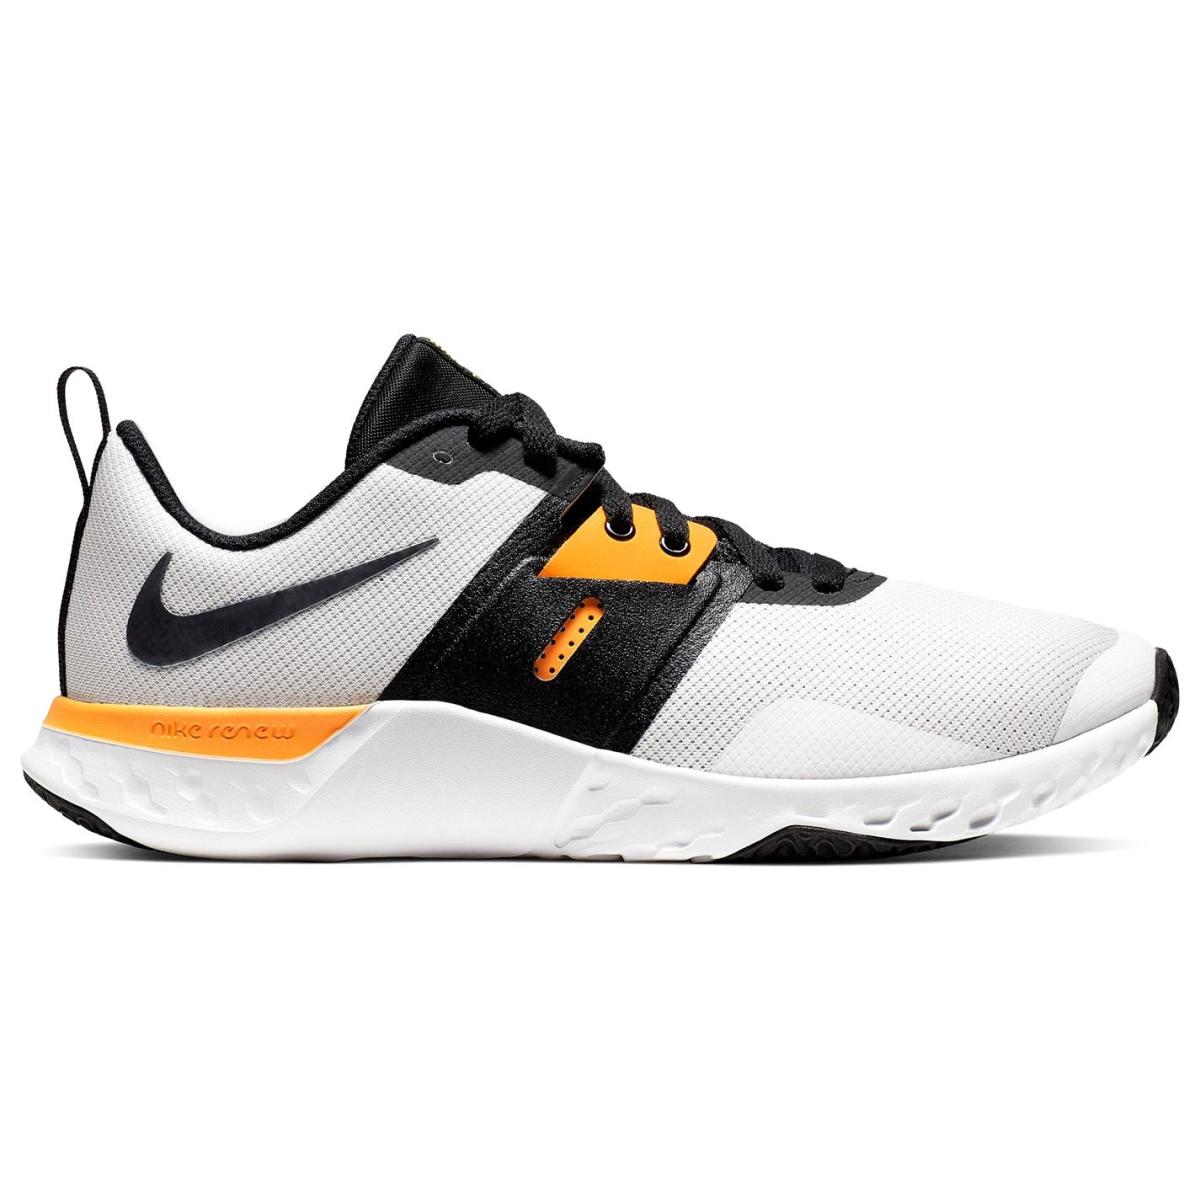 Nike Retaliation Turnschuhe Herren Sneaker Sportschuhe Laufschuhe 1031